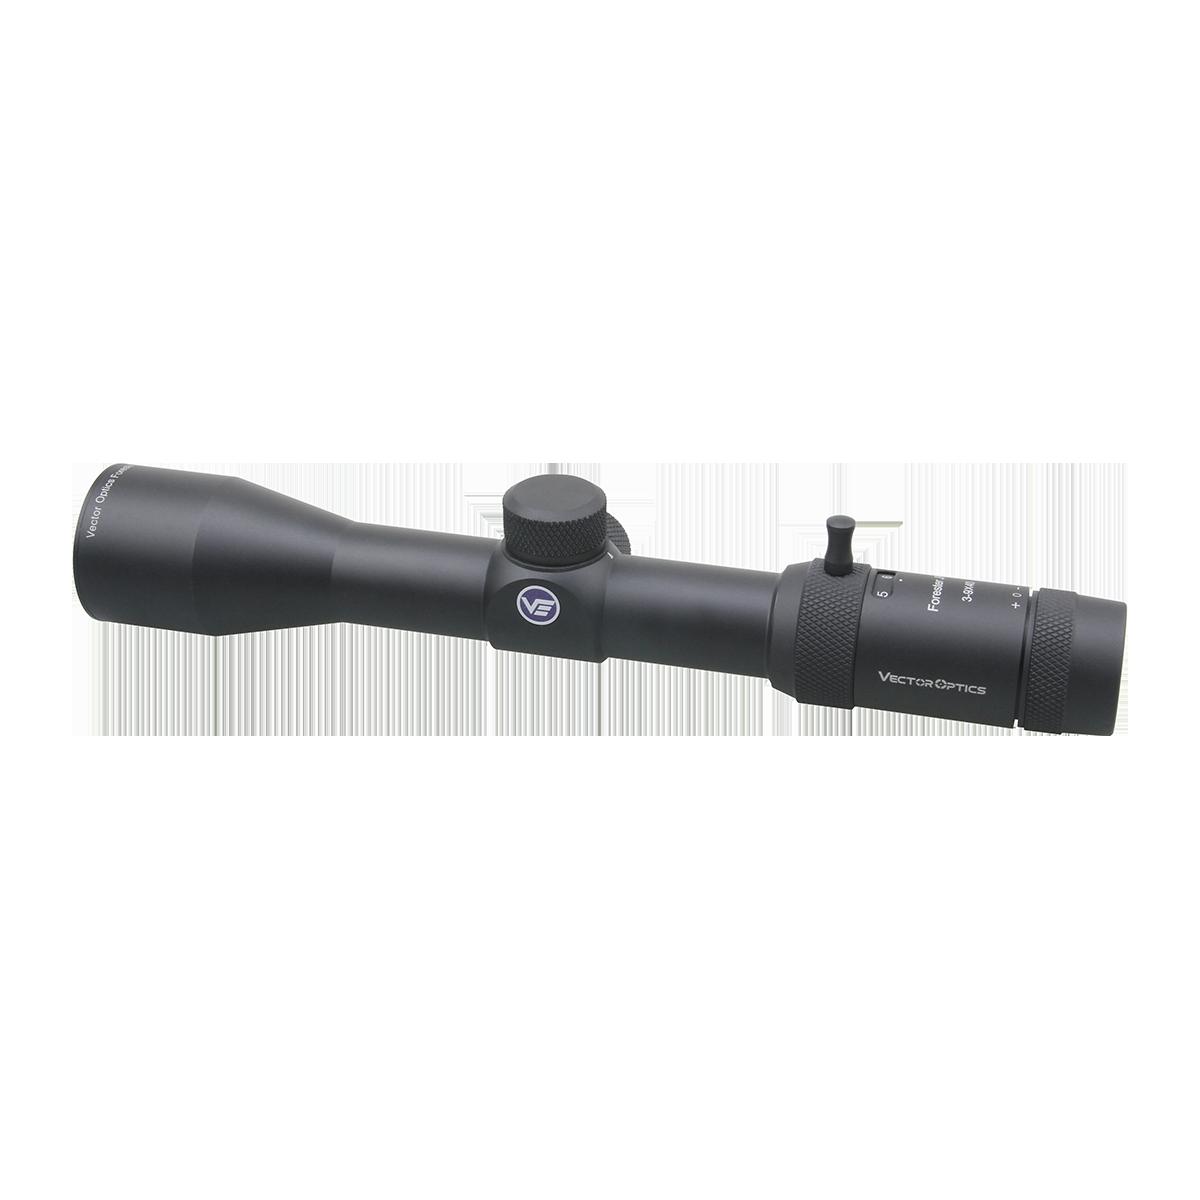 Forester JR. 3-9x40 Riflescope